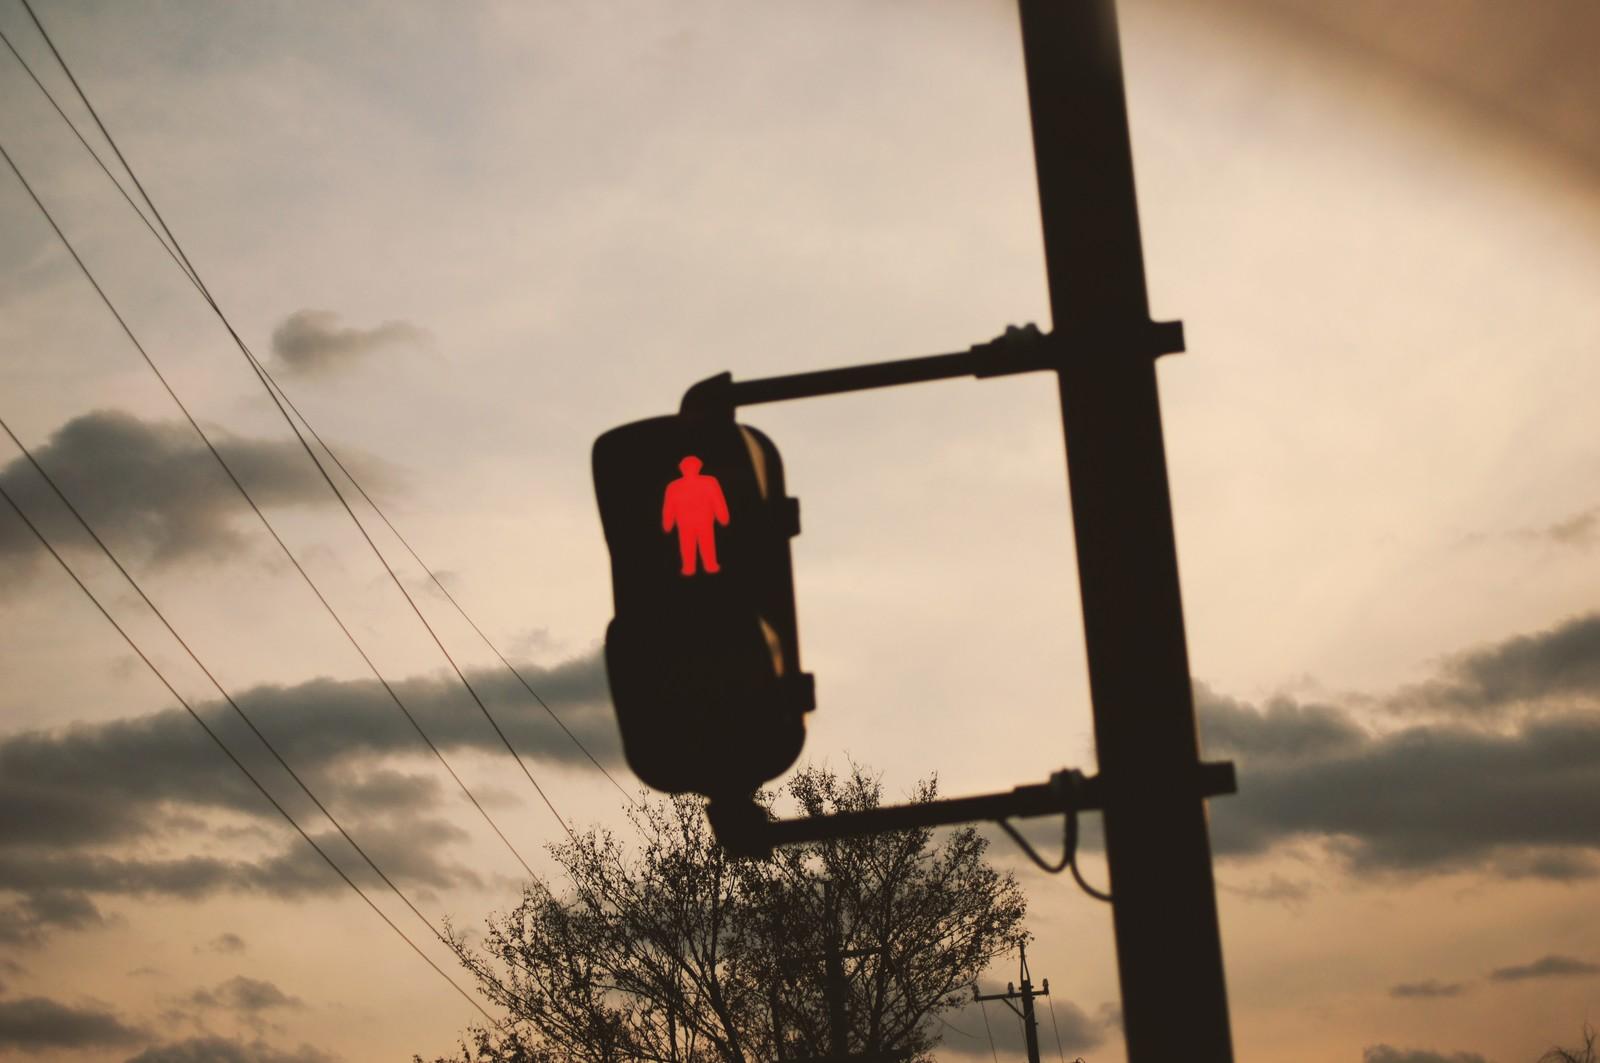 夕方のオレンジと信号